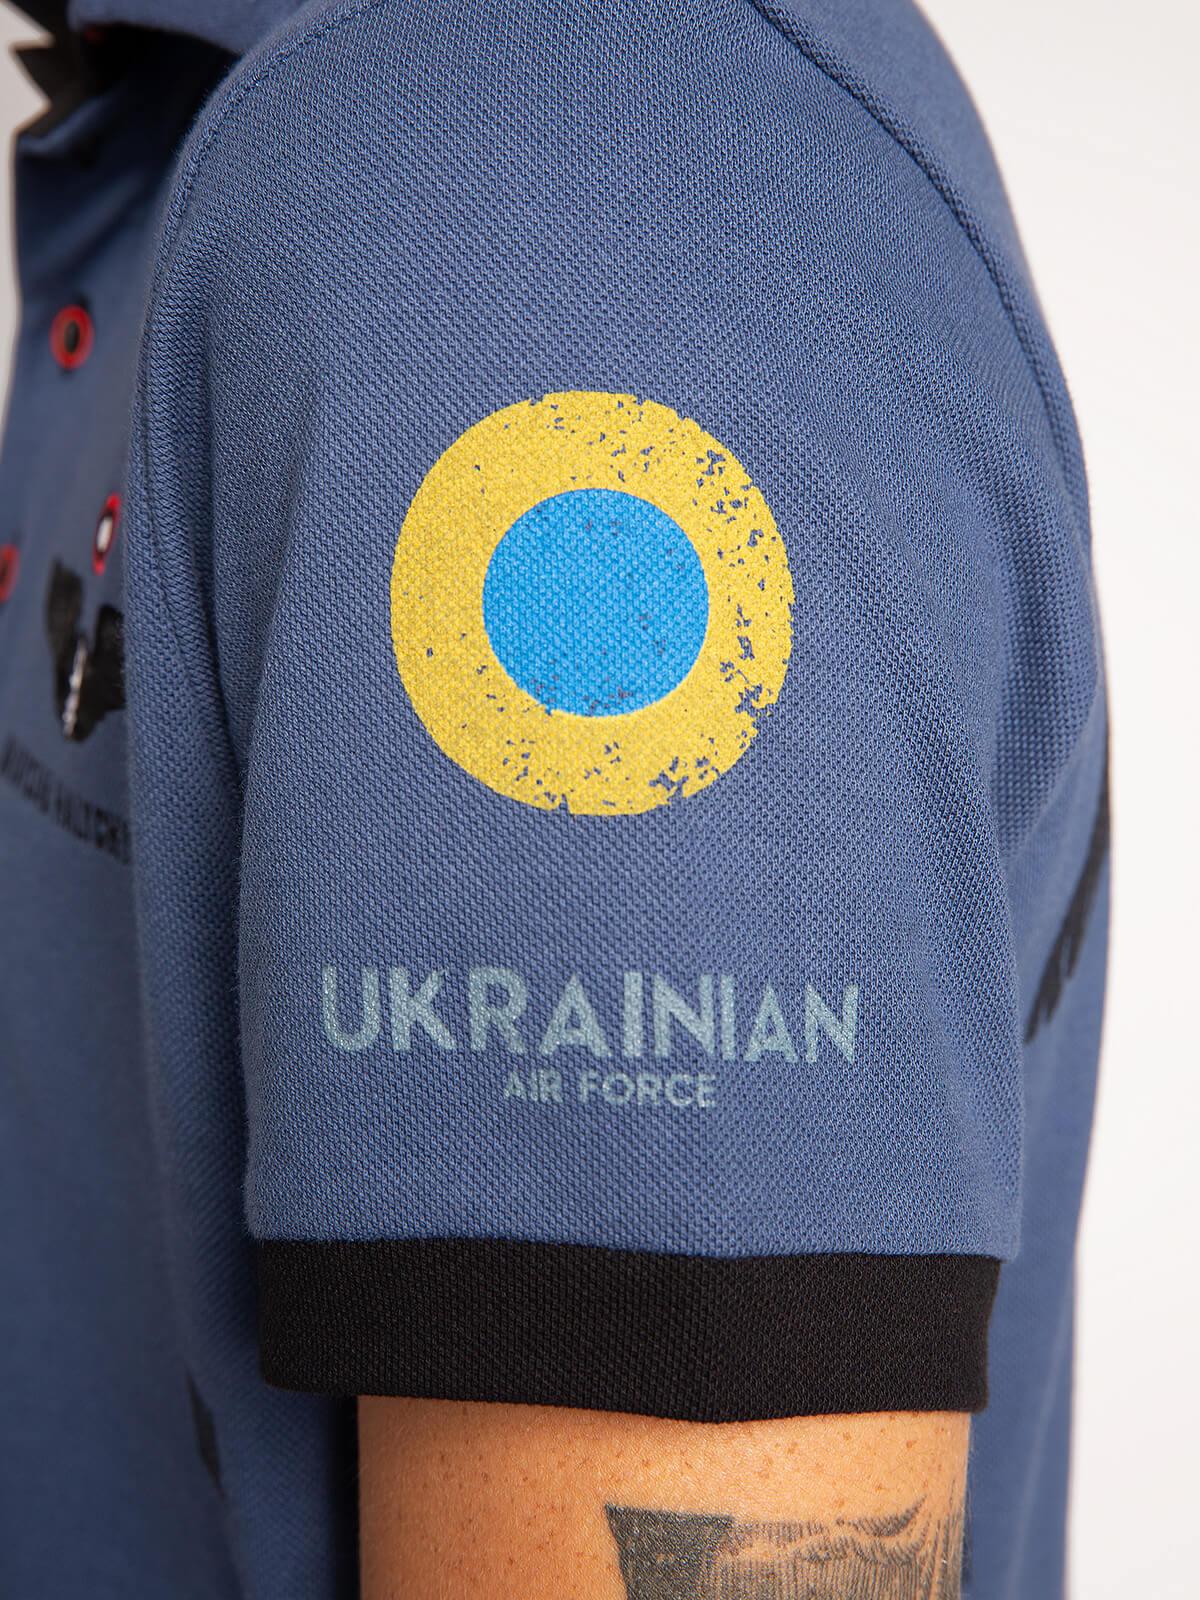 Men's Polo Shirt 831 Brigade. Color denim.  Height of the model: 182 cm.